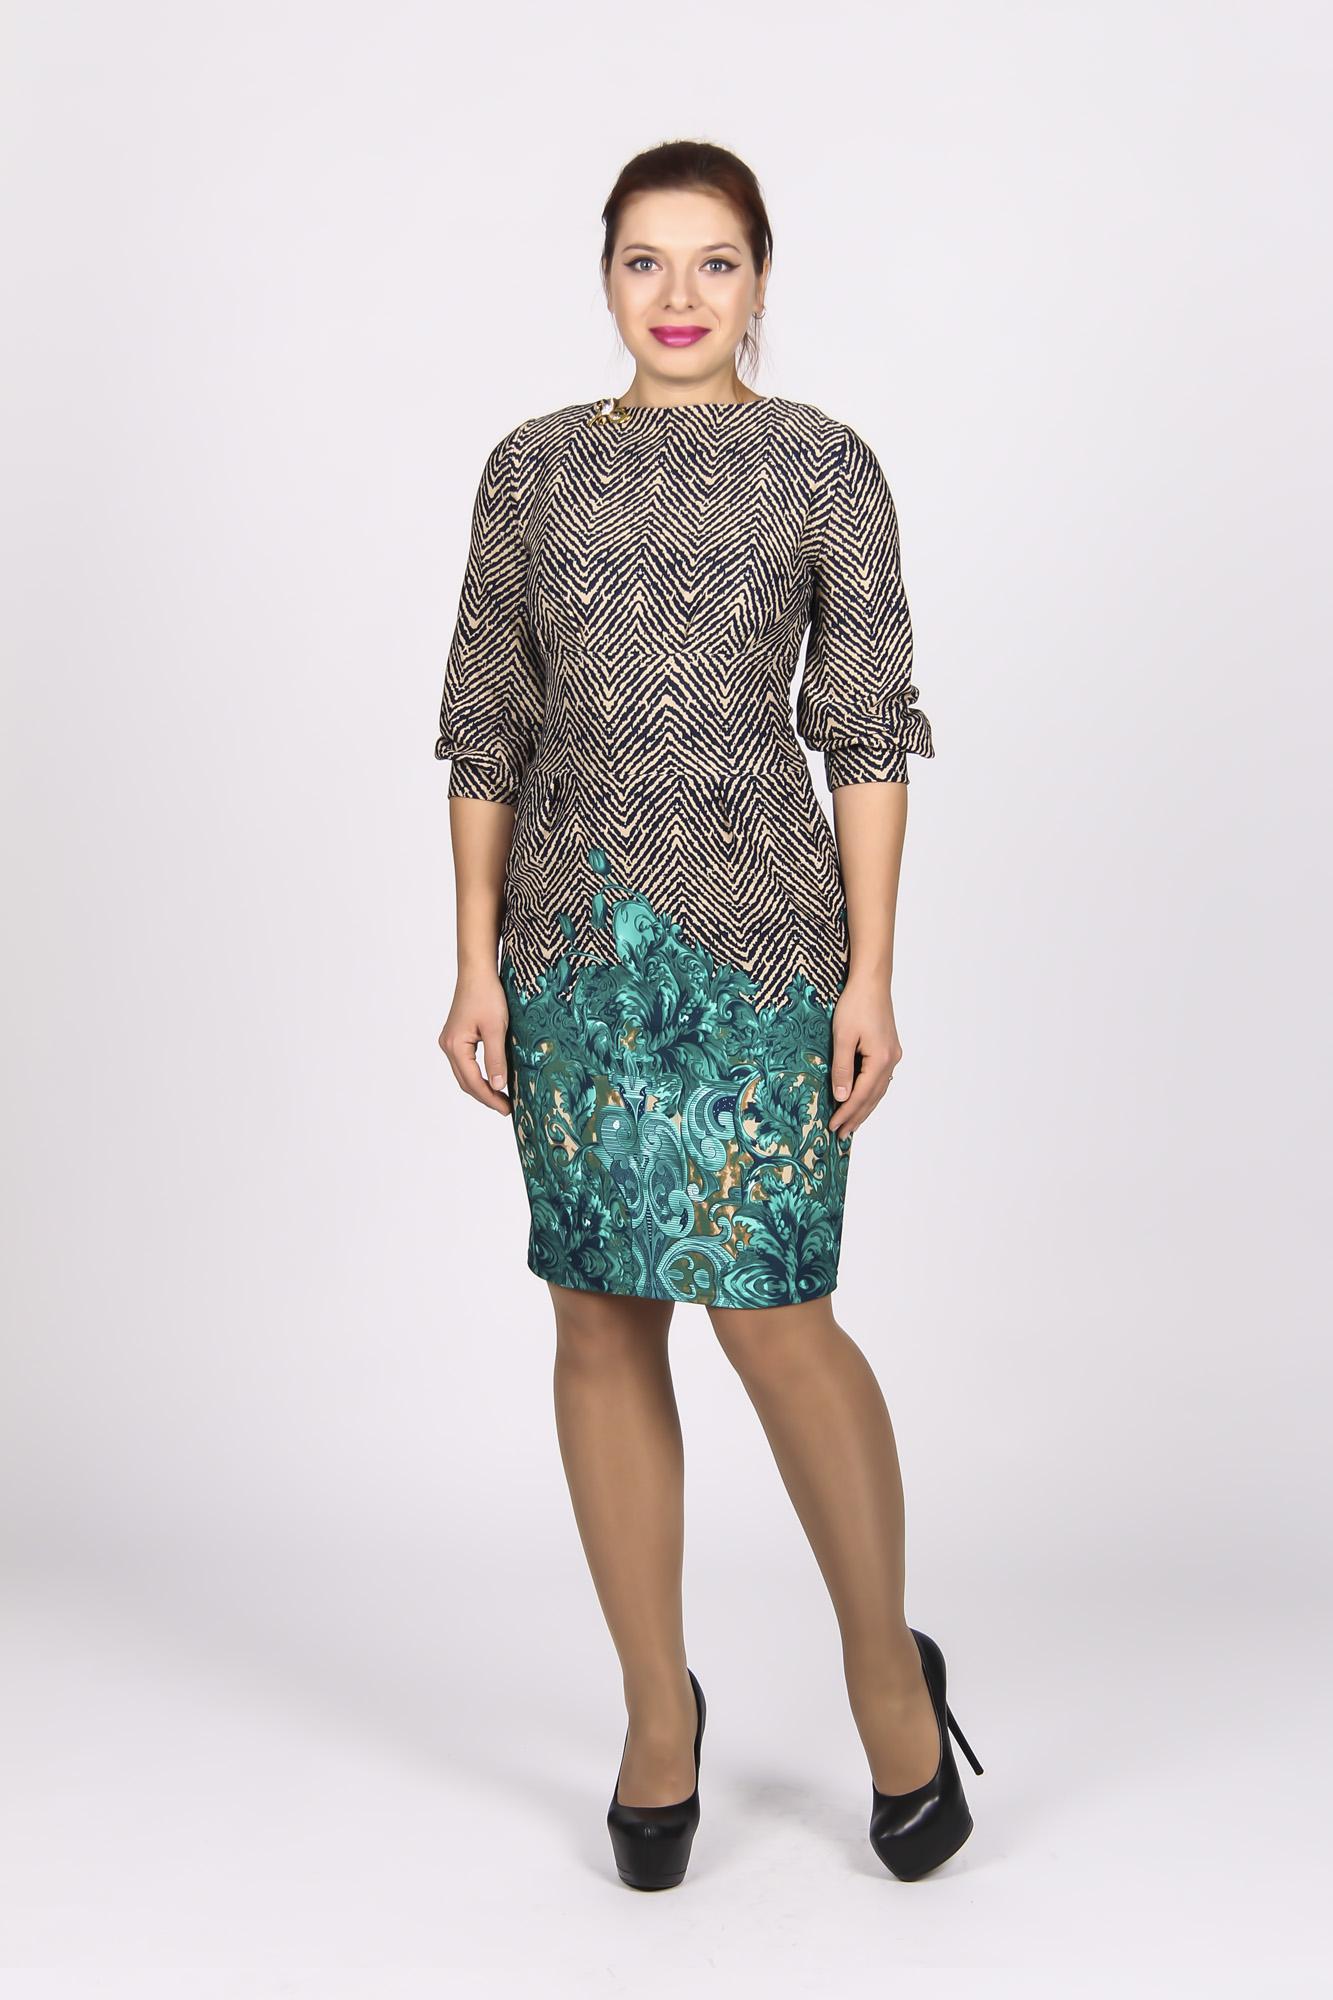 ПлатьеПлатья<br>Красивое женское платье с круглой горловиной и рукавами 3/4. Модель выполнена из приятнолго трикотажа. Отличный выбор для повседневного гардероба Платье без пояса.  Цвет: коричневый, голубой  Рост девушки-фотомодели 170 см.<br><br>Горловина: С- горловина<br>По длине: До колена<br>По материалу: Вискоза,Трикотаж<br>По образу: Город,Свидание<br>По рисунку: Абстракция,Цветные,С принтом<br>По сезону: Весна,Осень<br>По силуэту: Полуприталенные<br>По стилю: Повседневный стиль<br>Рукав: Рукав три четверти<br>По форме: Платье - футляр<br>Размер : 44<br>Материал: Трикотаж<br>Количество в наличии: 1